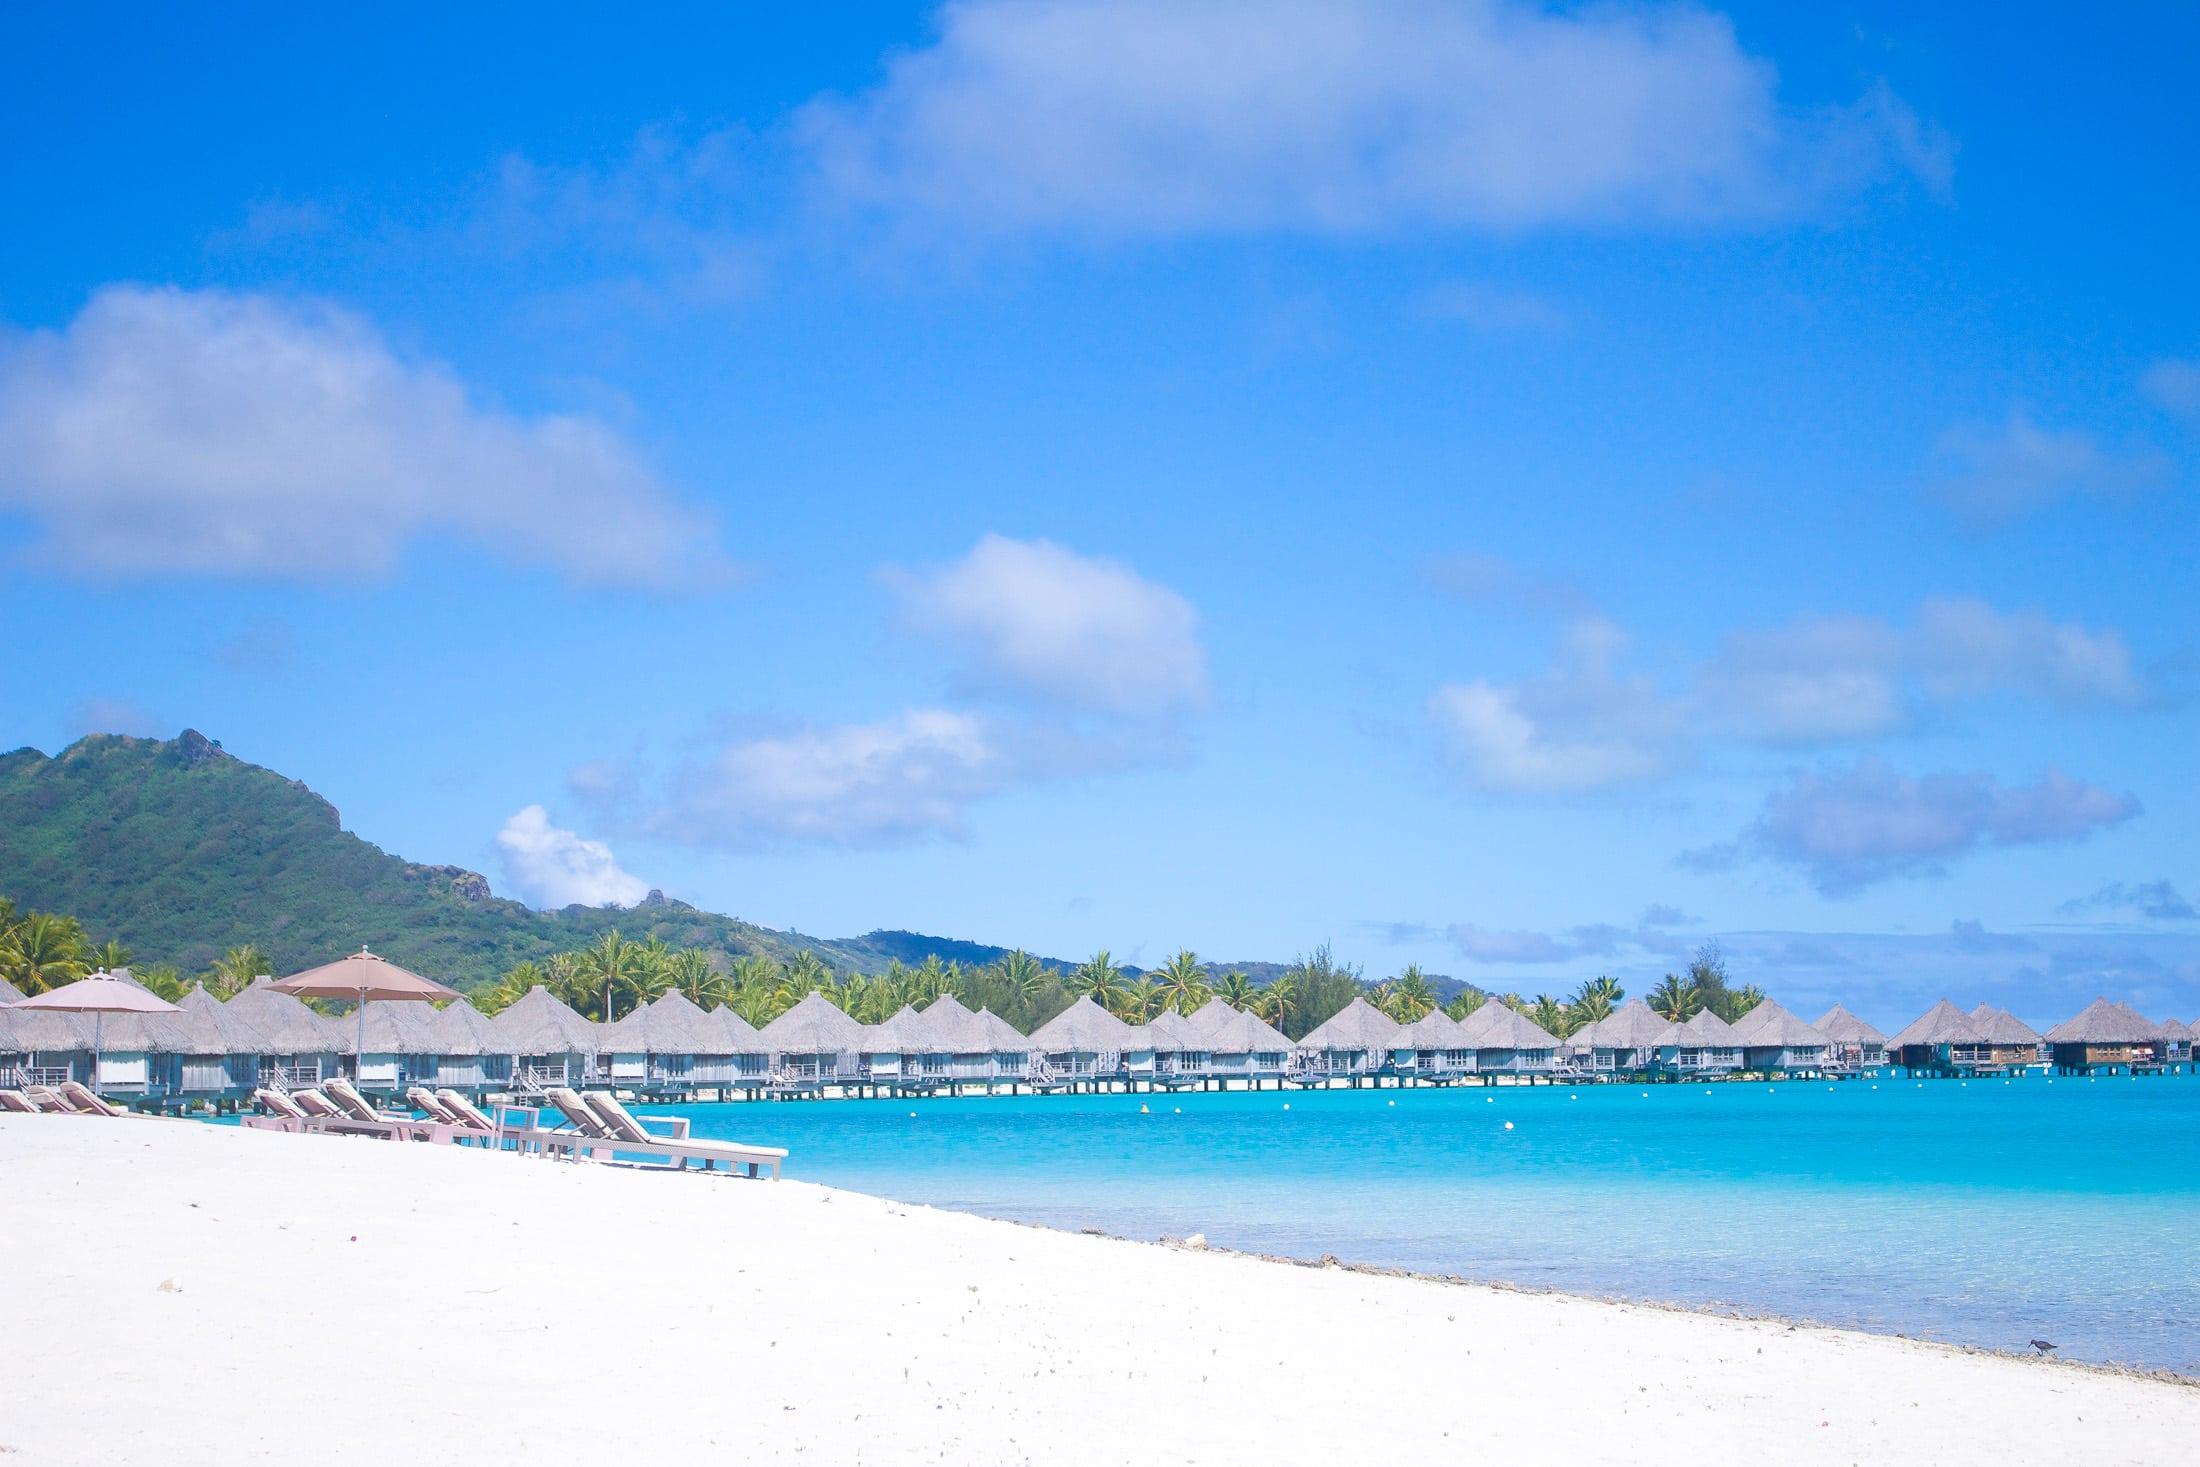 Bora Bora Huts